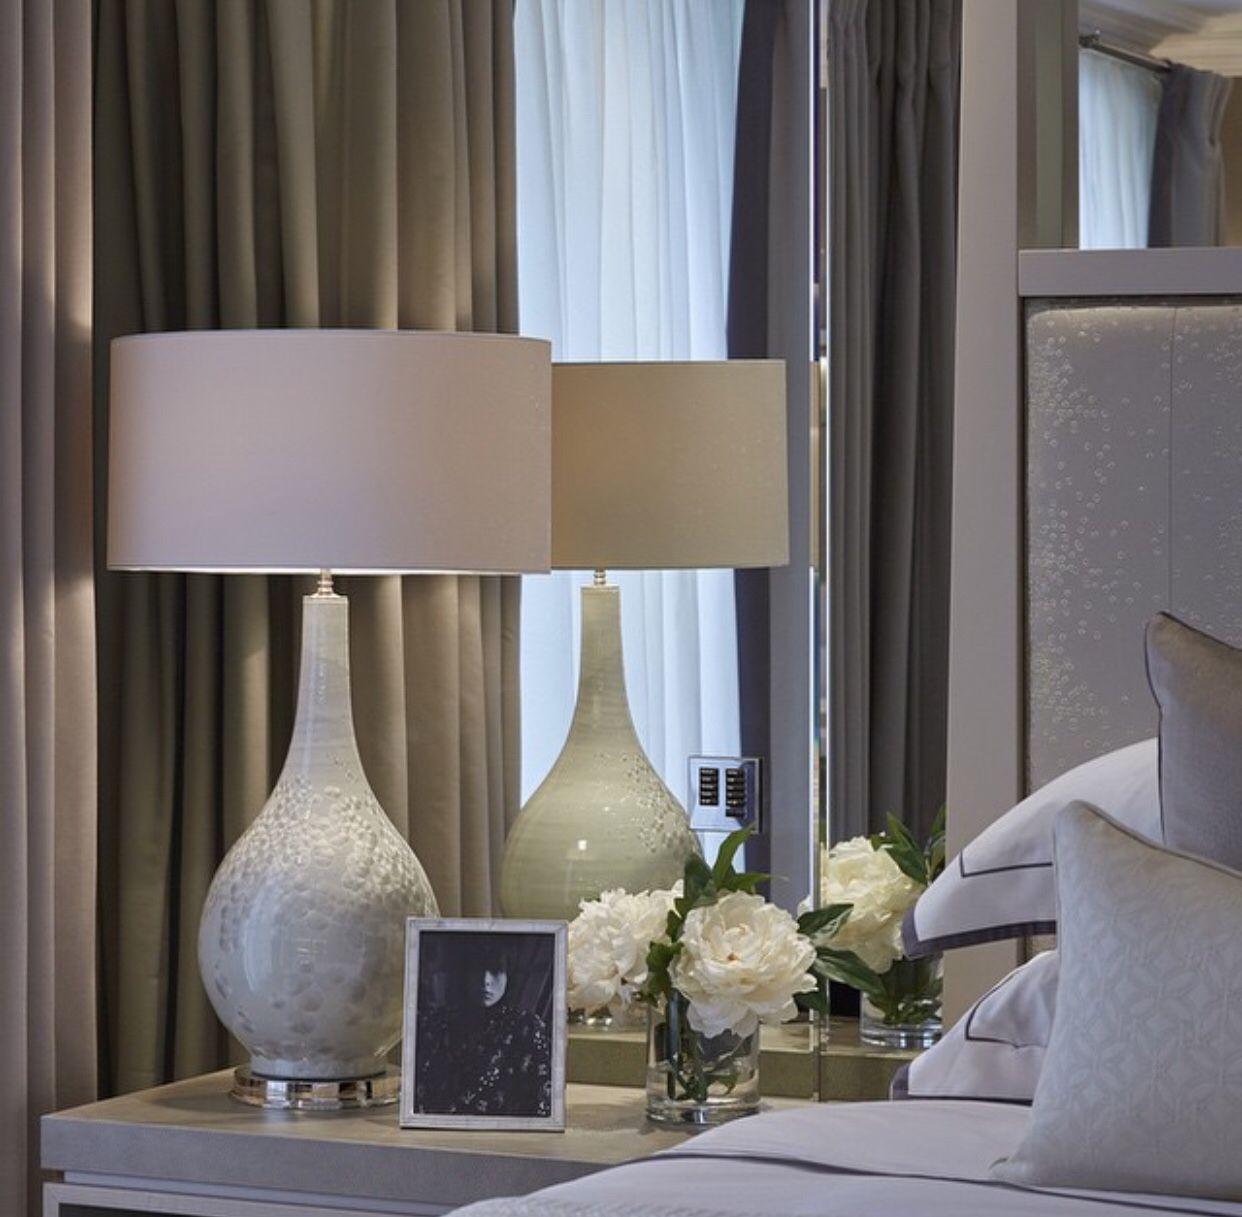 2 bedroom interior design bedroom   bedroom  pinterest  bedrooms master bedroom and interiors